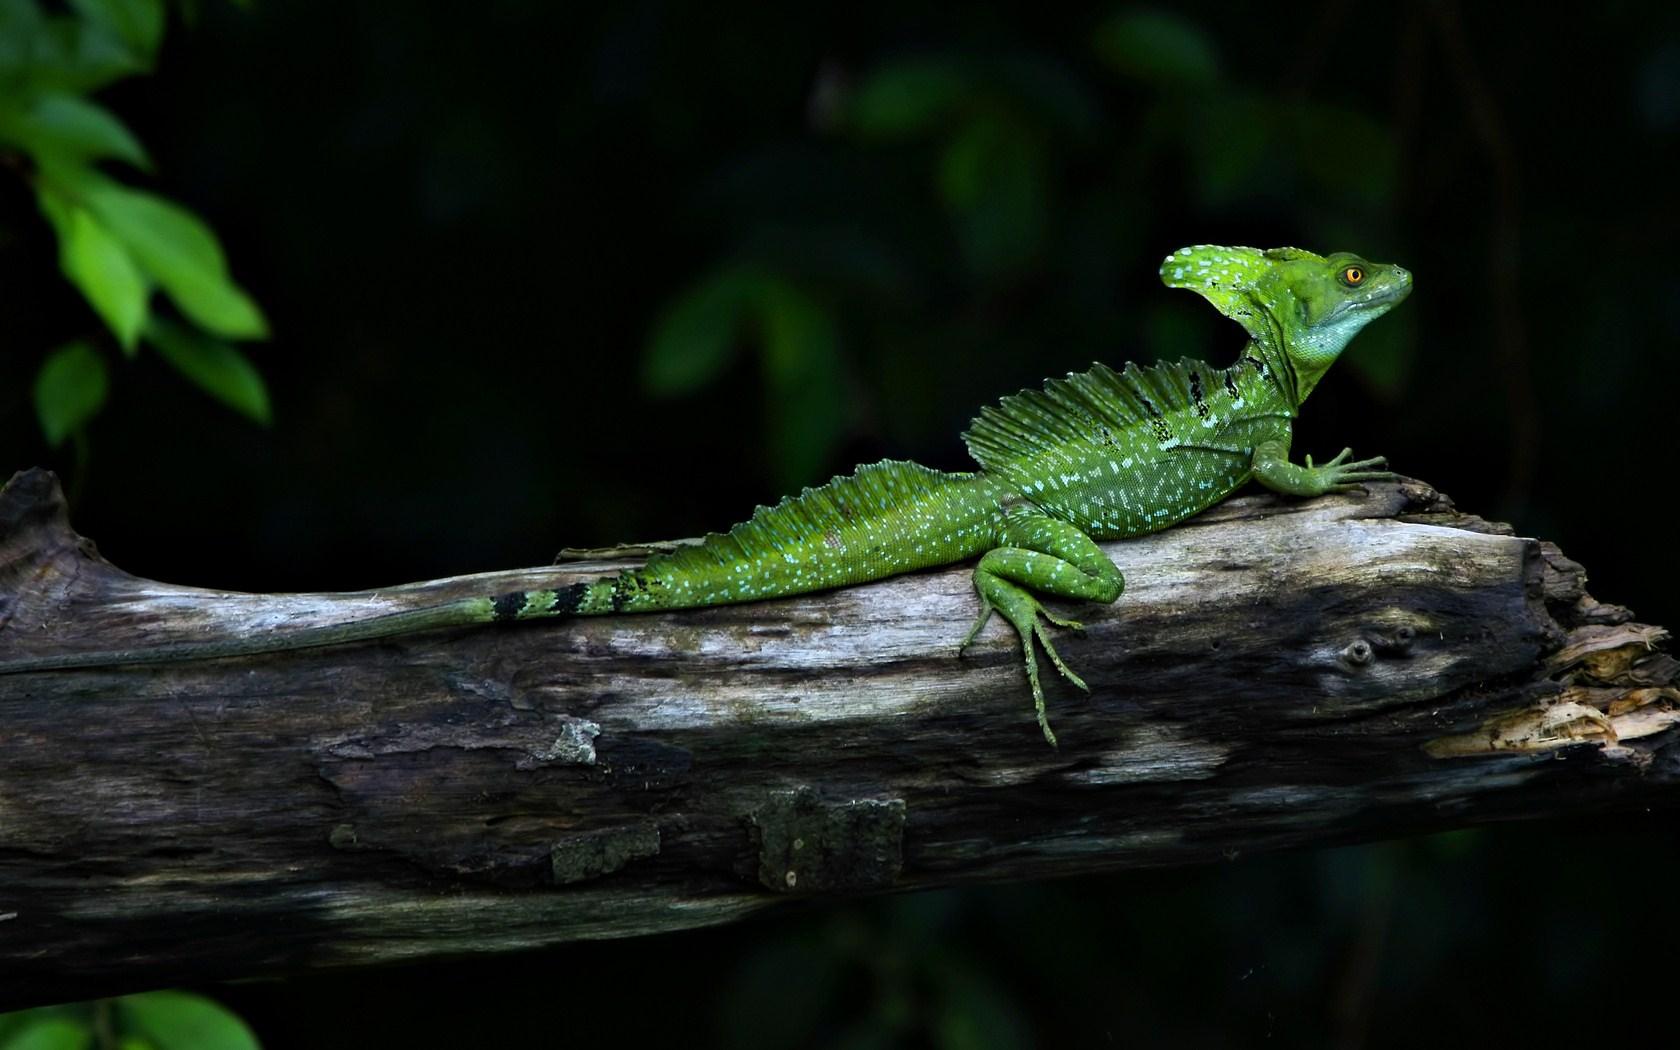 Costa Rica Green Basilisk Lizard